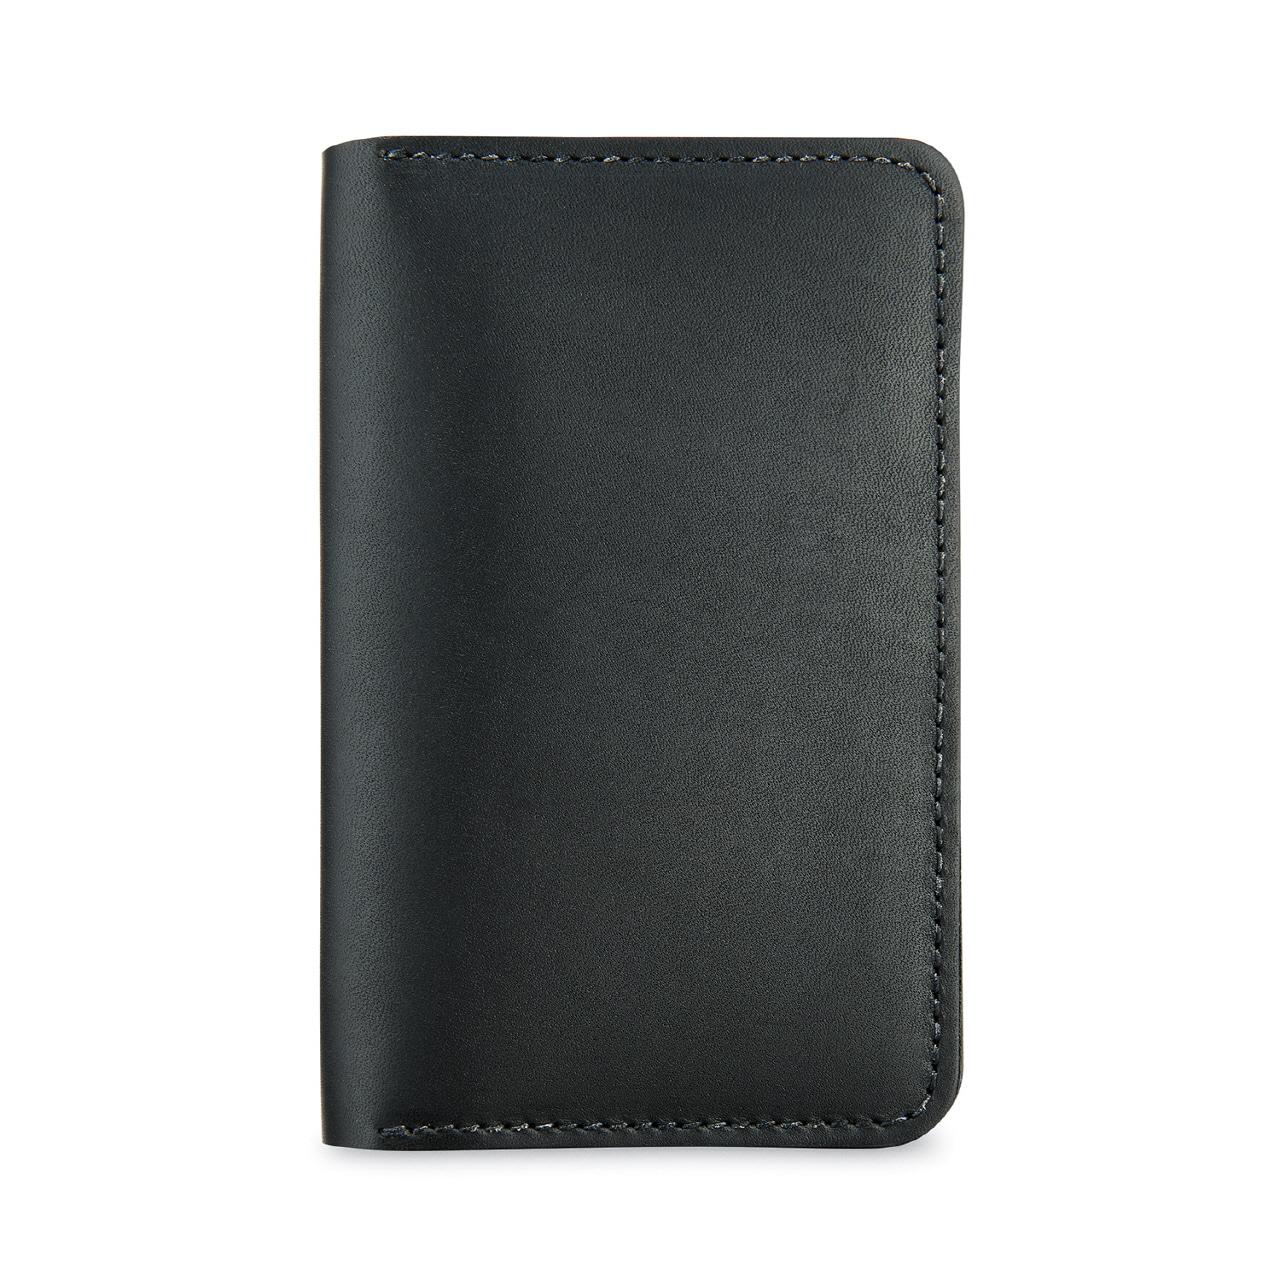 패스포트 지갑 95020 - 블랙 프론티어